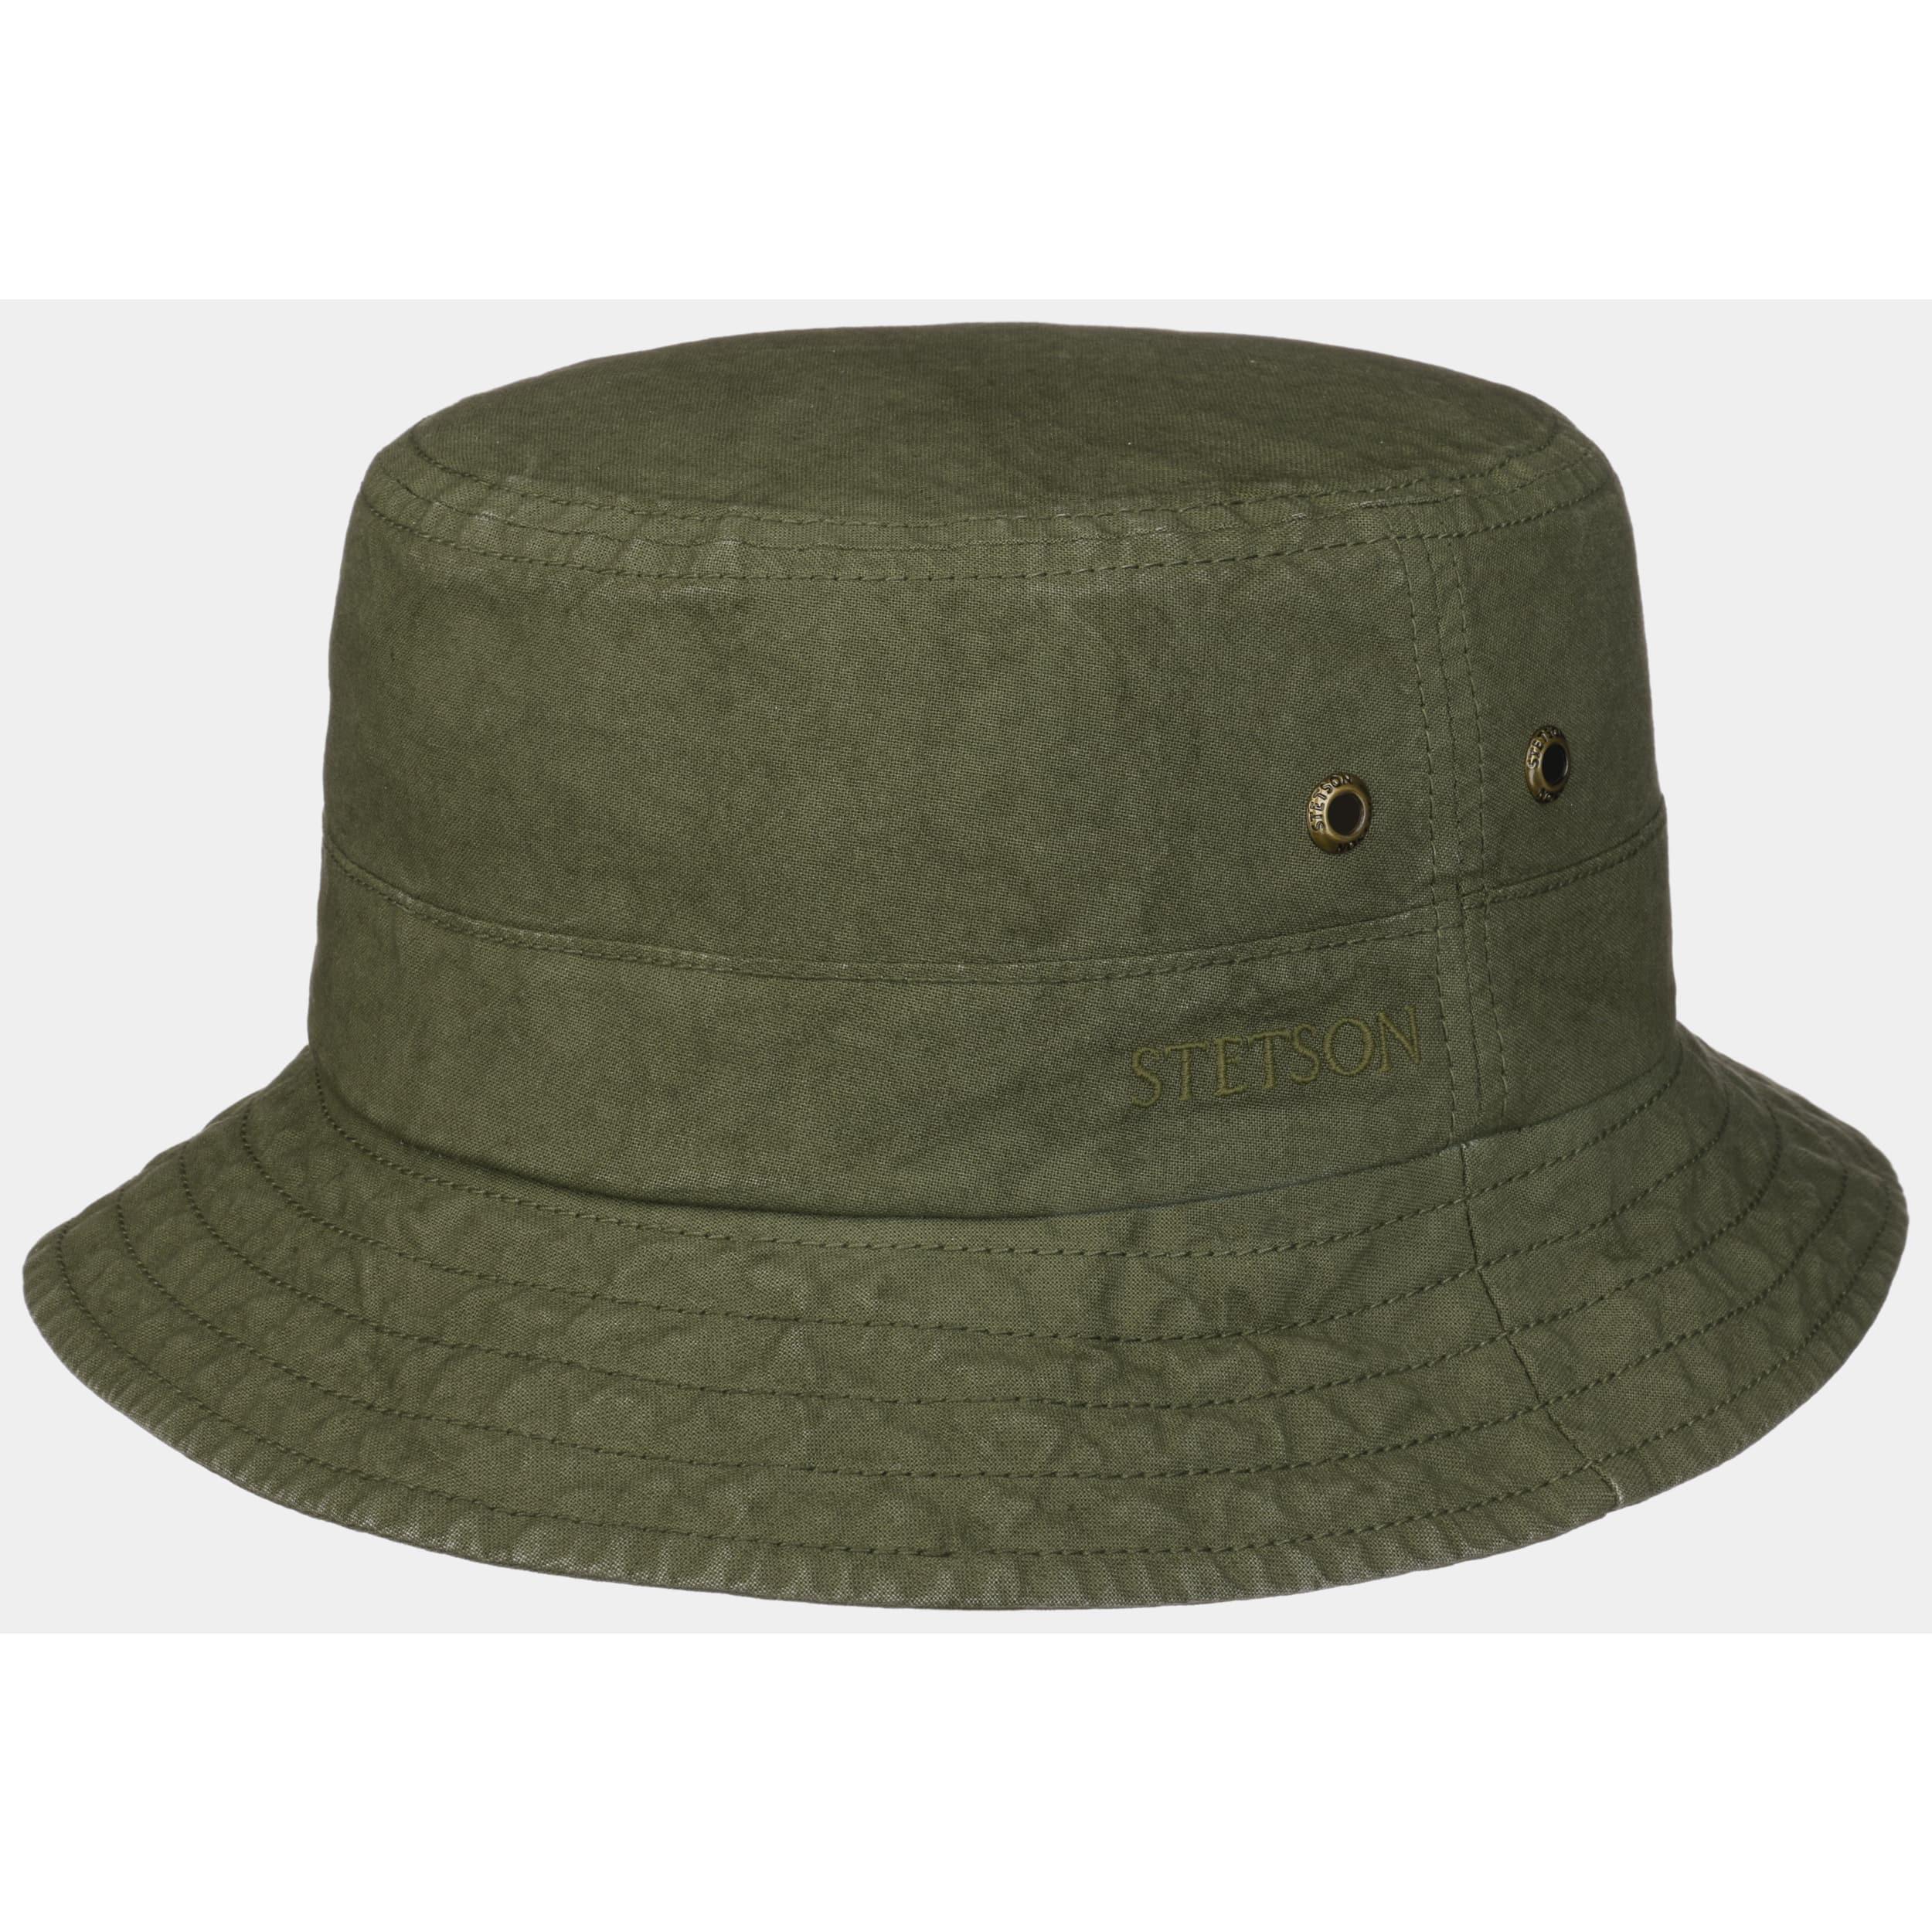 Sombrero Algodón Delave by Stetson - Sombreros - sombreroshop.es bc52962af4f